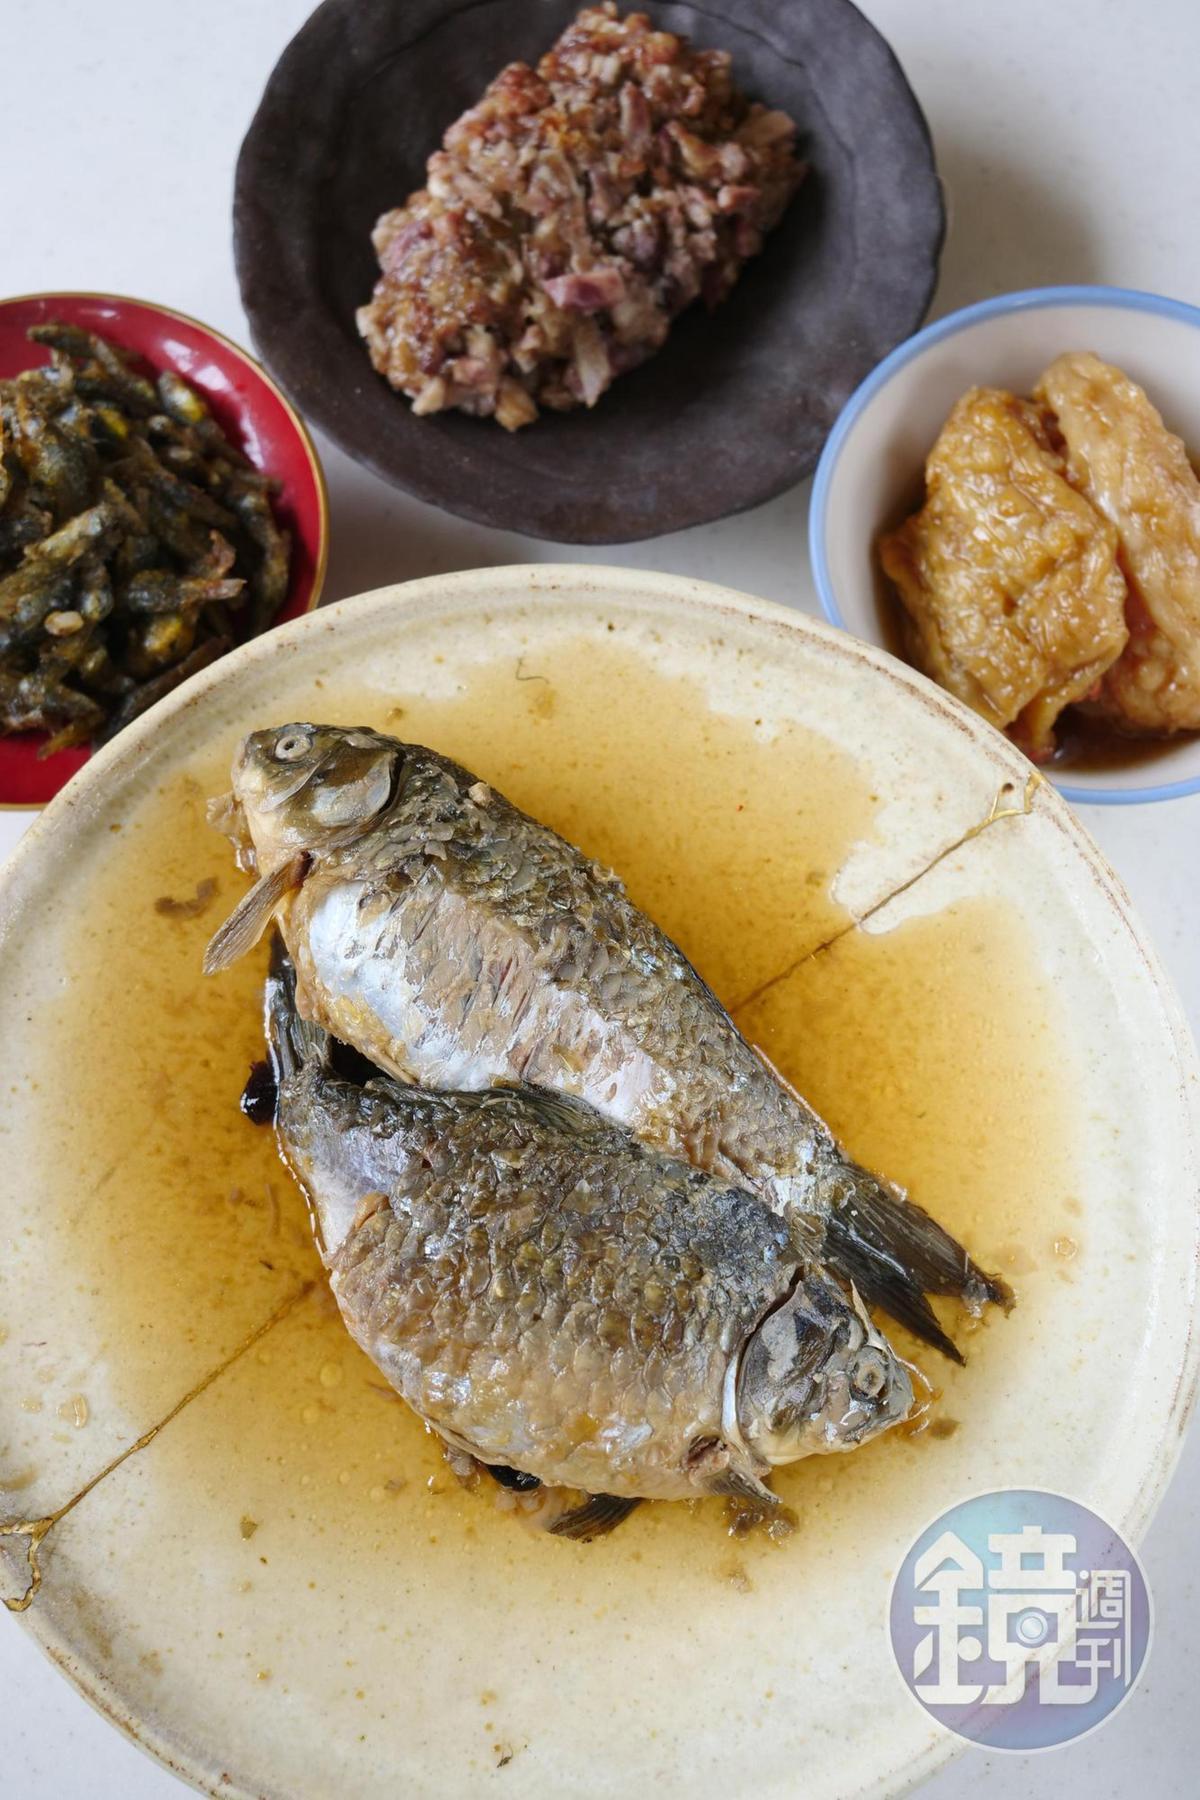 芋粿用料扎實,軟糯鹹香,豆醬鯽魚苦甘的滋味下飯。